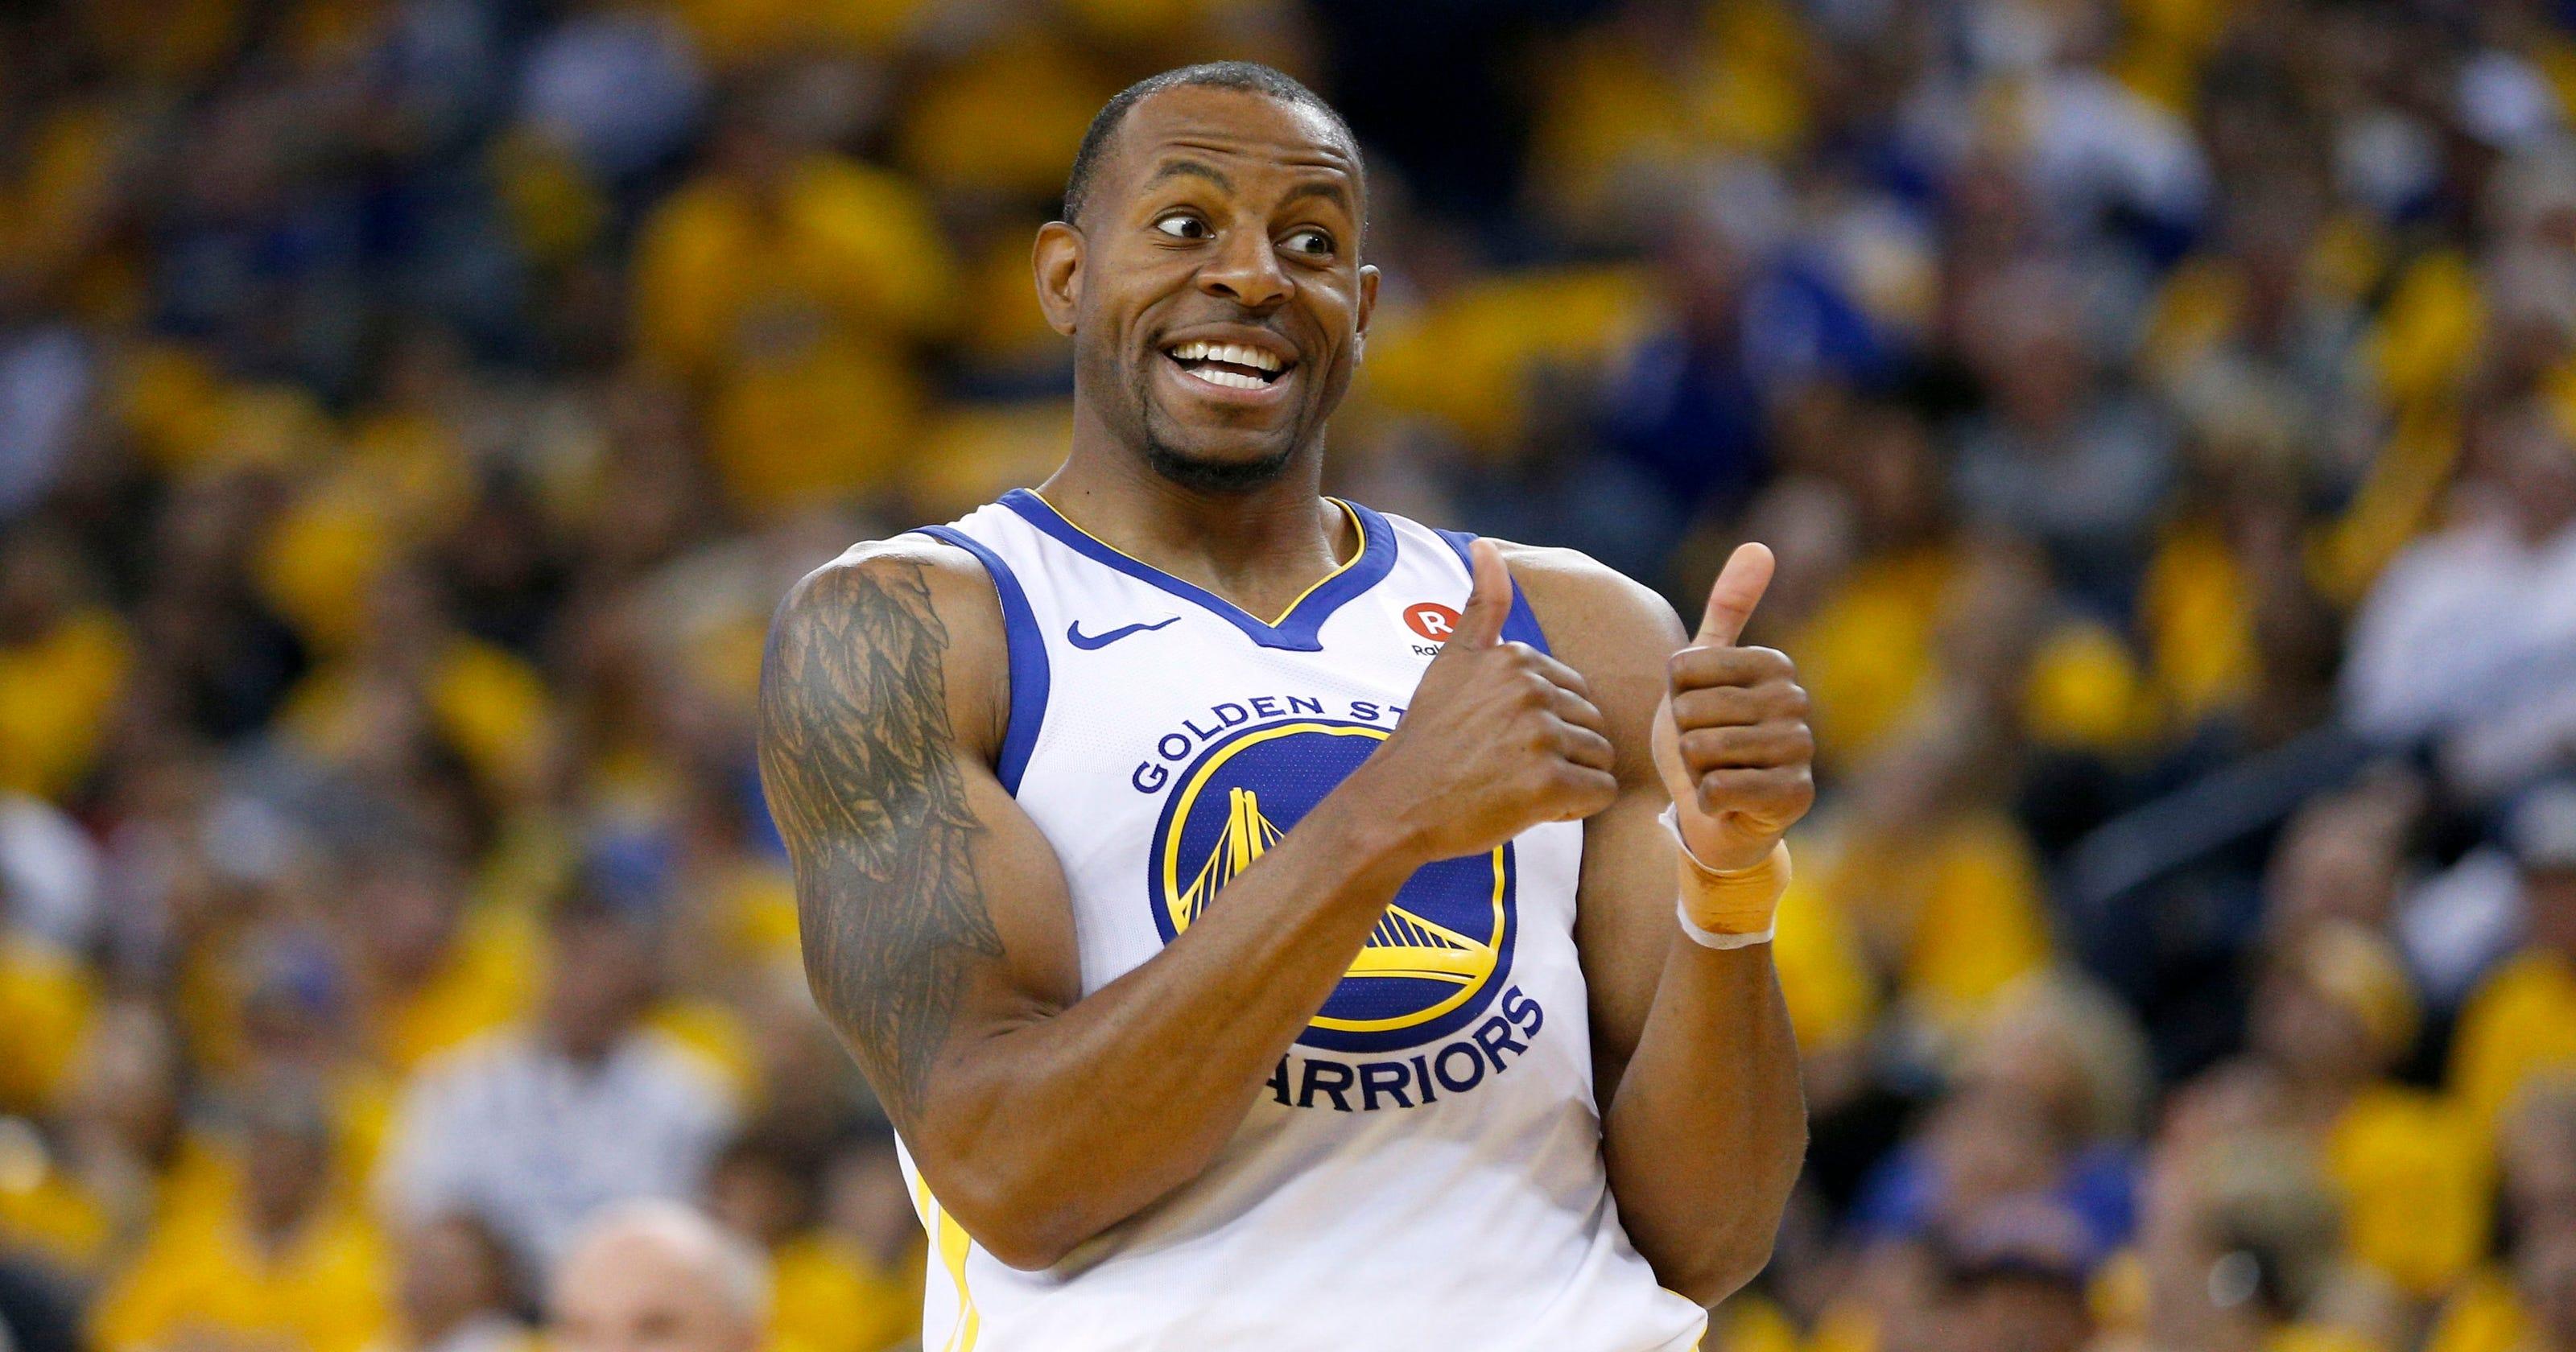 現役NBA手臂之最:Iguodala榮登最美手臂,一神人臂展與身高相差29公分!-Haters-黑特籃球NBA新聞影音圖片分享社區